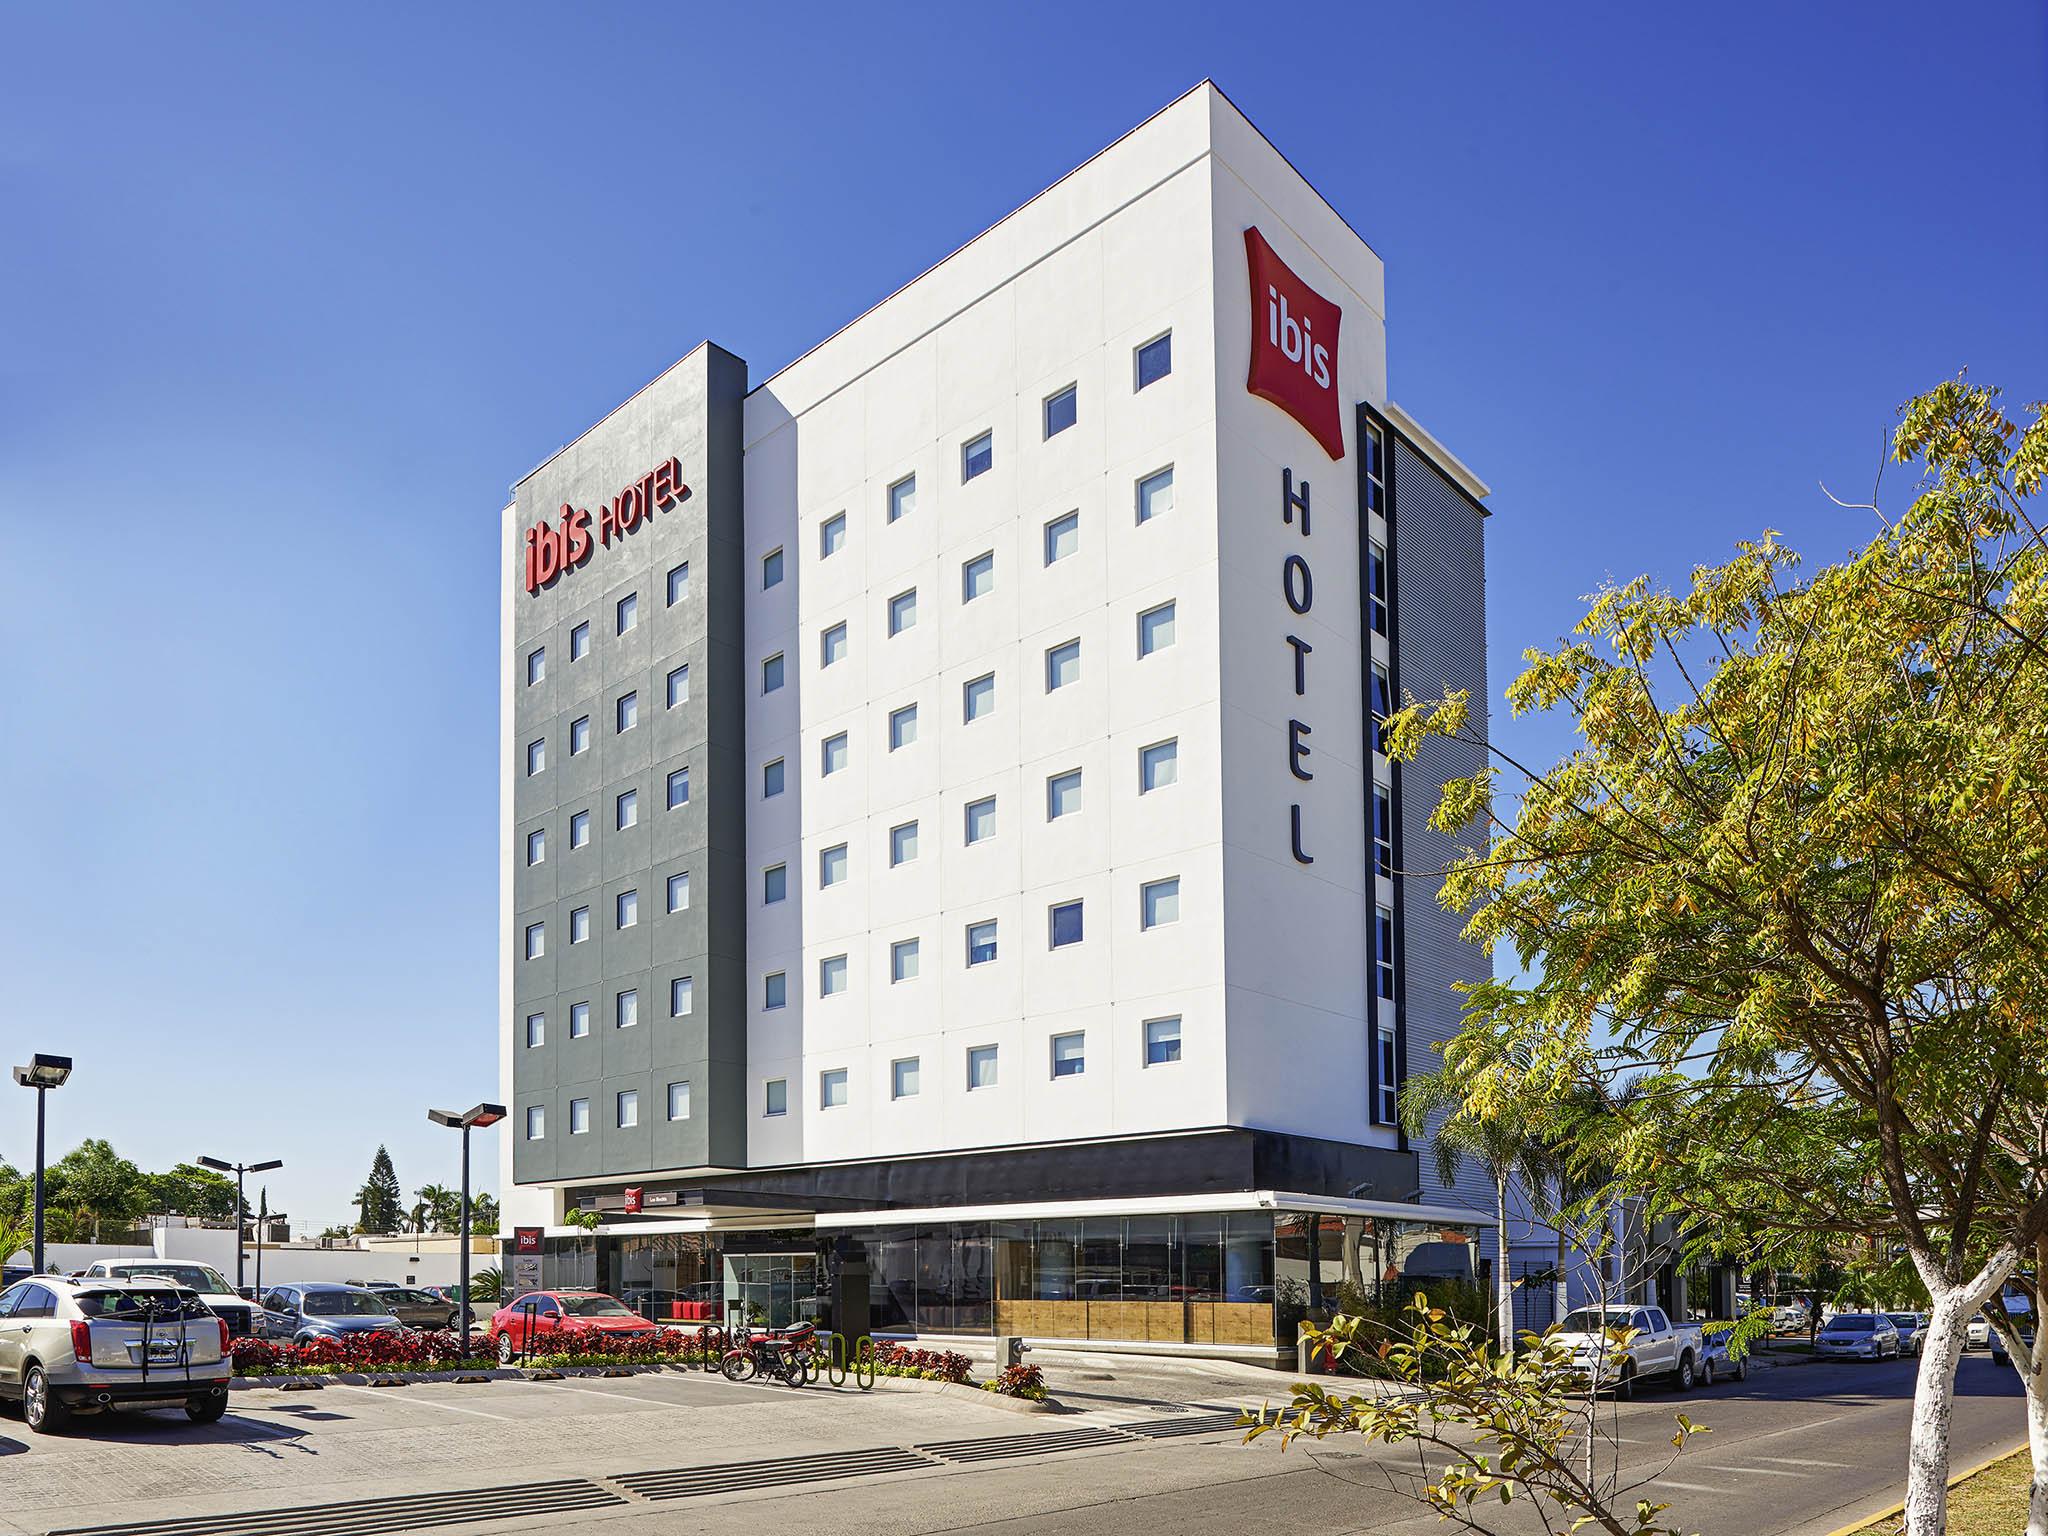 Hotel in los mochis ibis los mochis for Le marde hotel